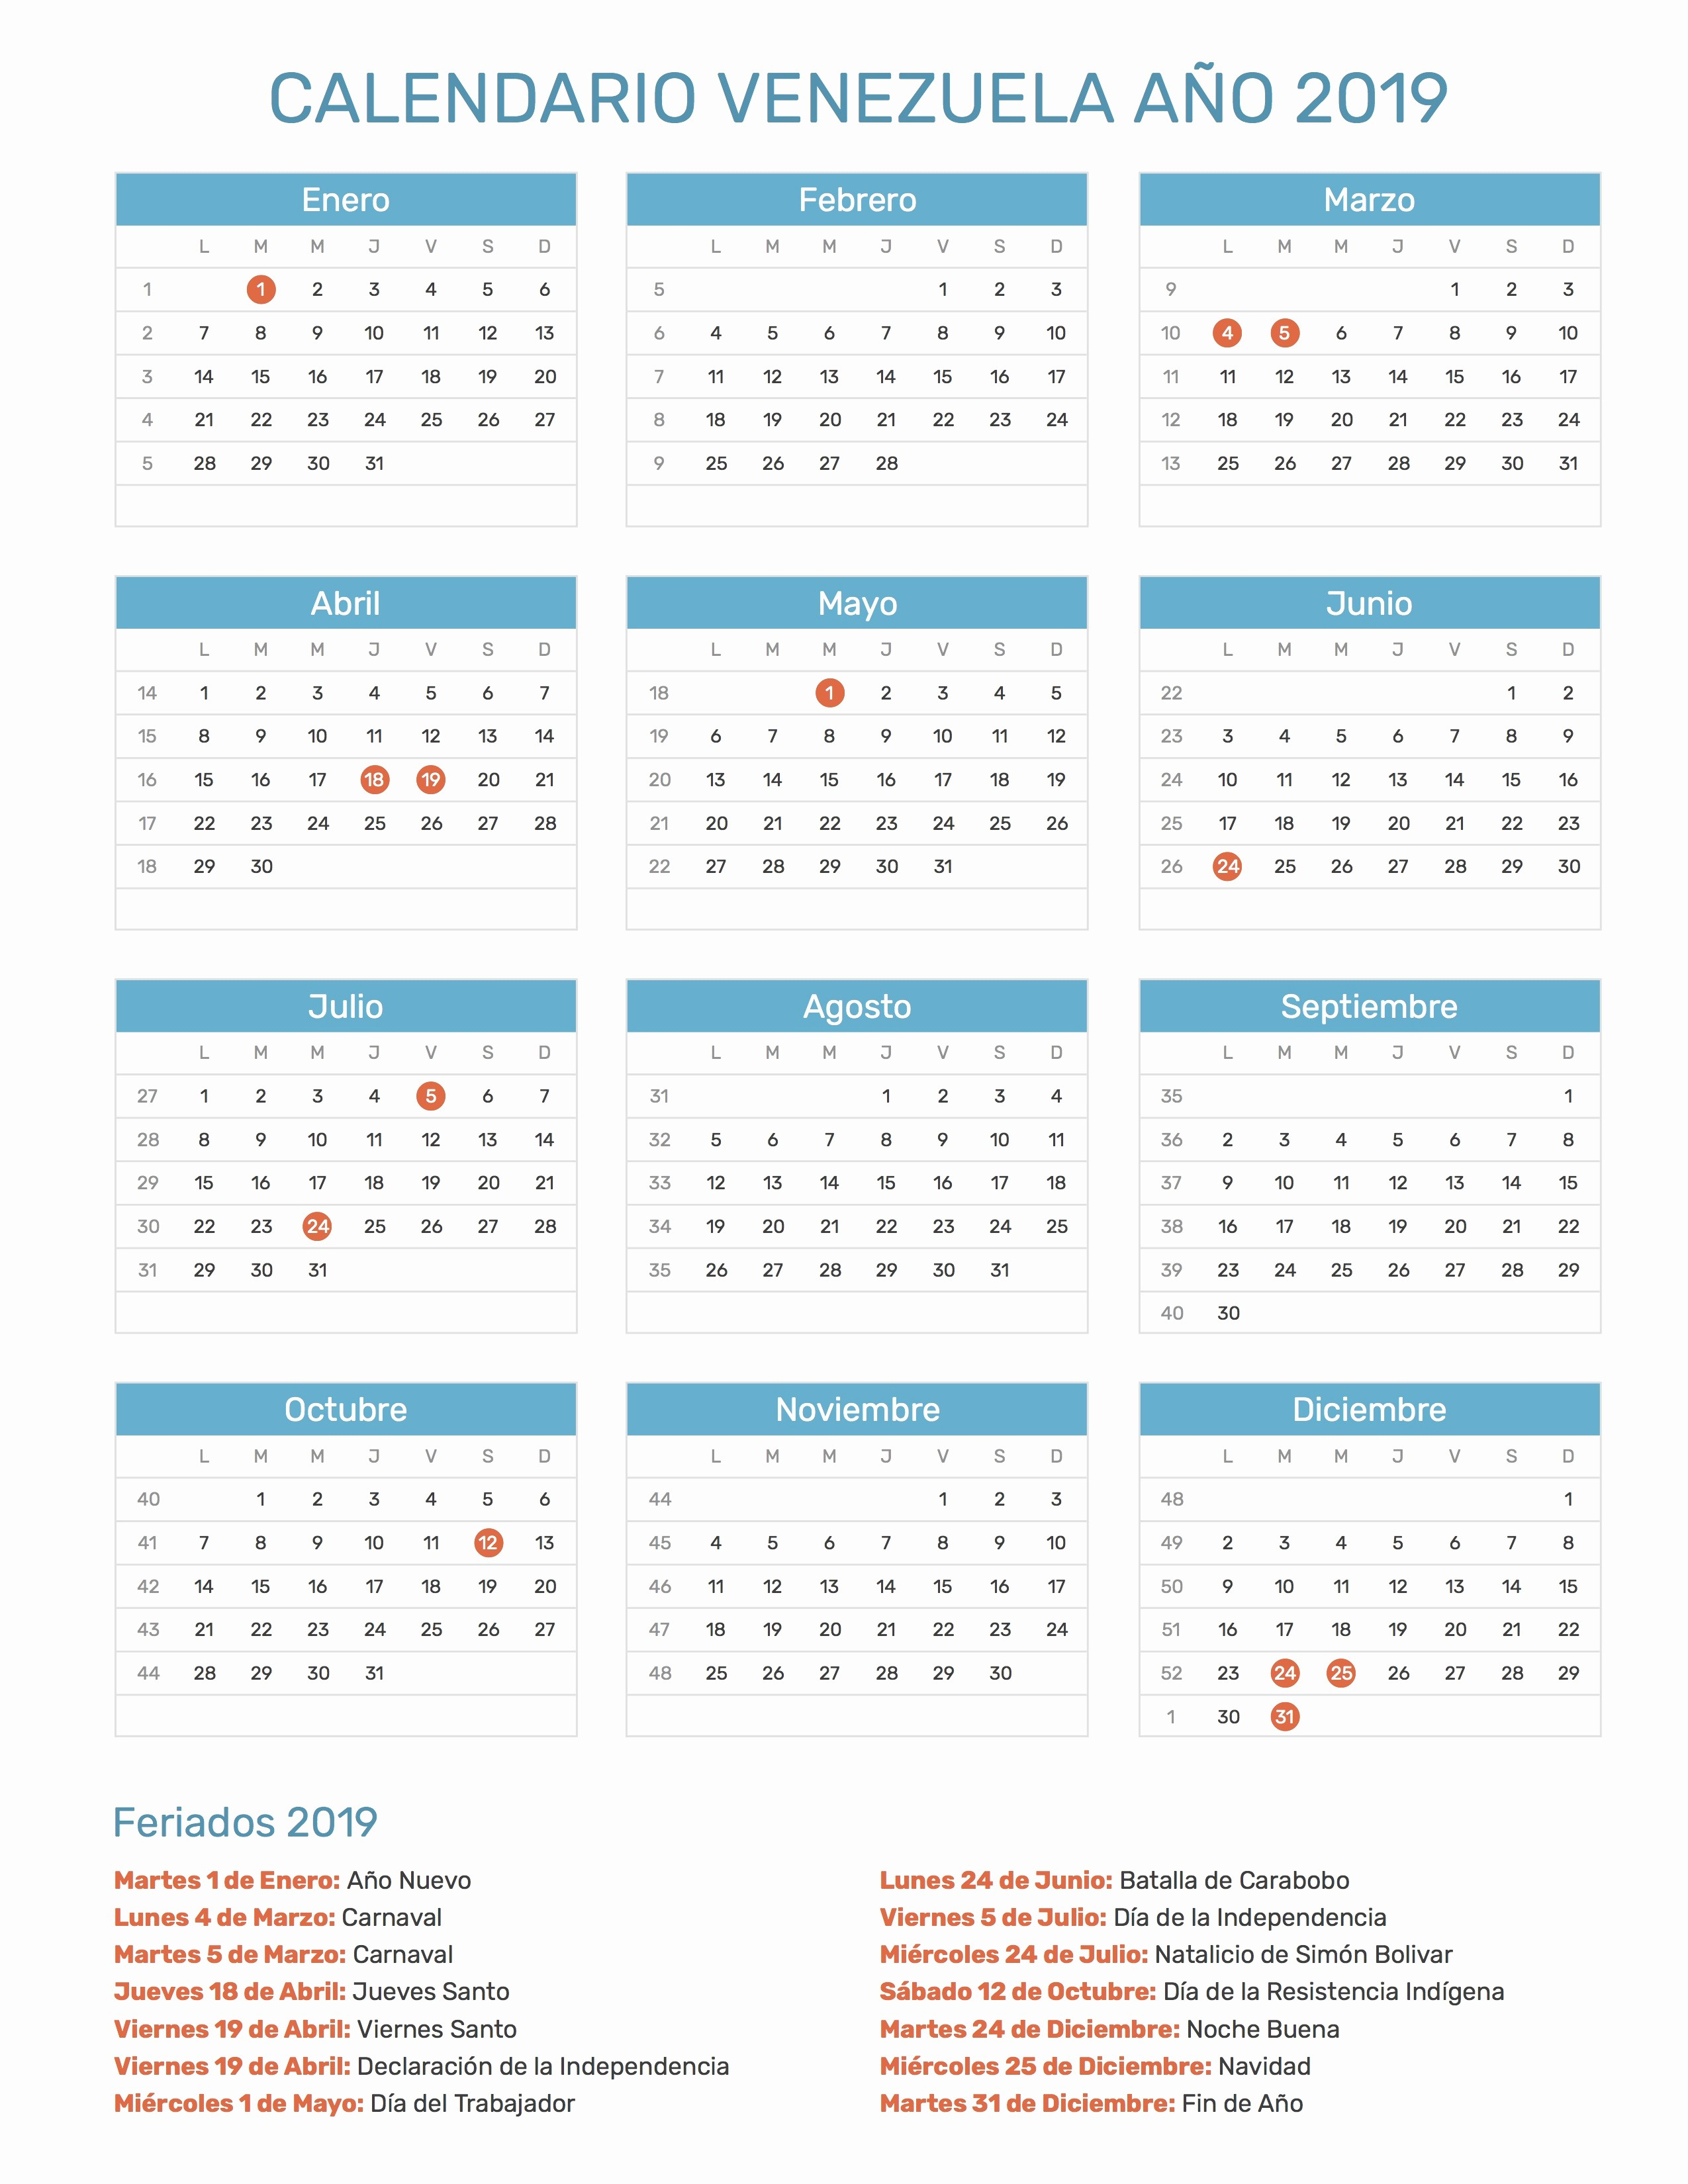 Calendario 2019 En Chile Con Feriados Más Recientes Cada Cuanto Se Repiten Los Calendarios 2019 Calendario Venezuela Ano Of Calendario 2019 En Chile Con Feriados Más Arriba-a-fecha Diario El Pueblo